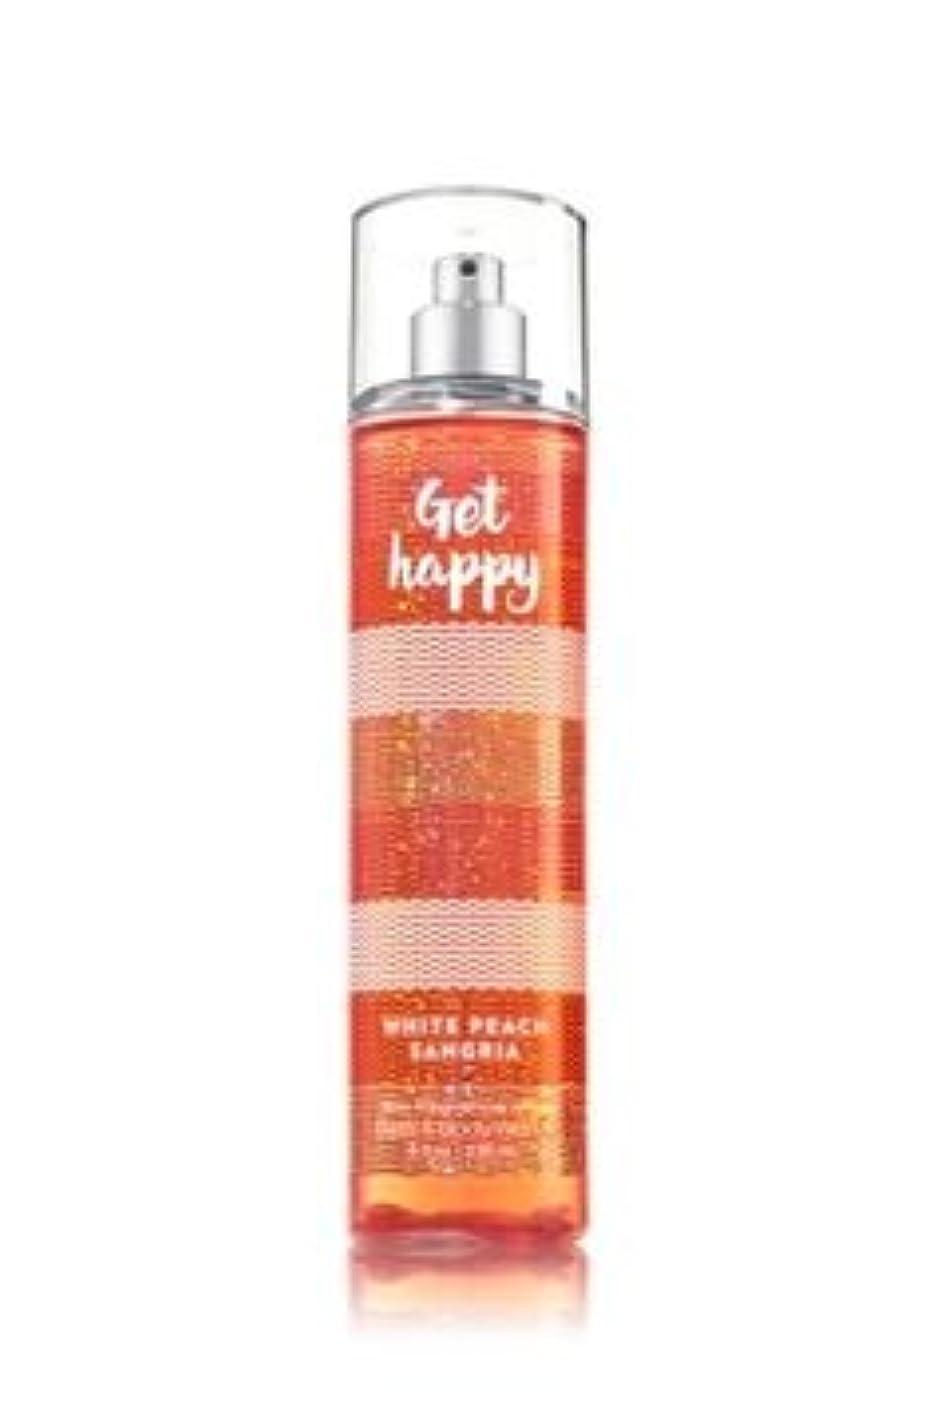 スイッチモールホラー【Bath&Body Works/バス&ボディワークス】 ファインフレグランスミスト ホワイトピーチサングリア Fine Fragrance Mist Get Happy White Peach Sangria 8oz (236ml) [並行輸入品]